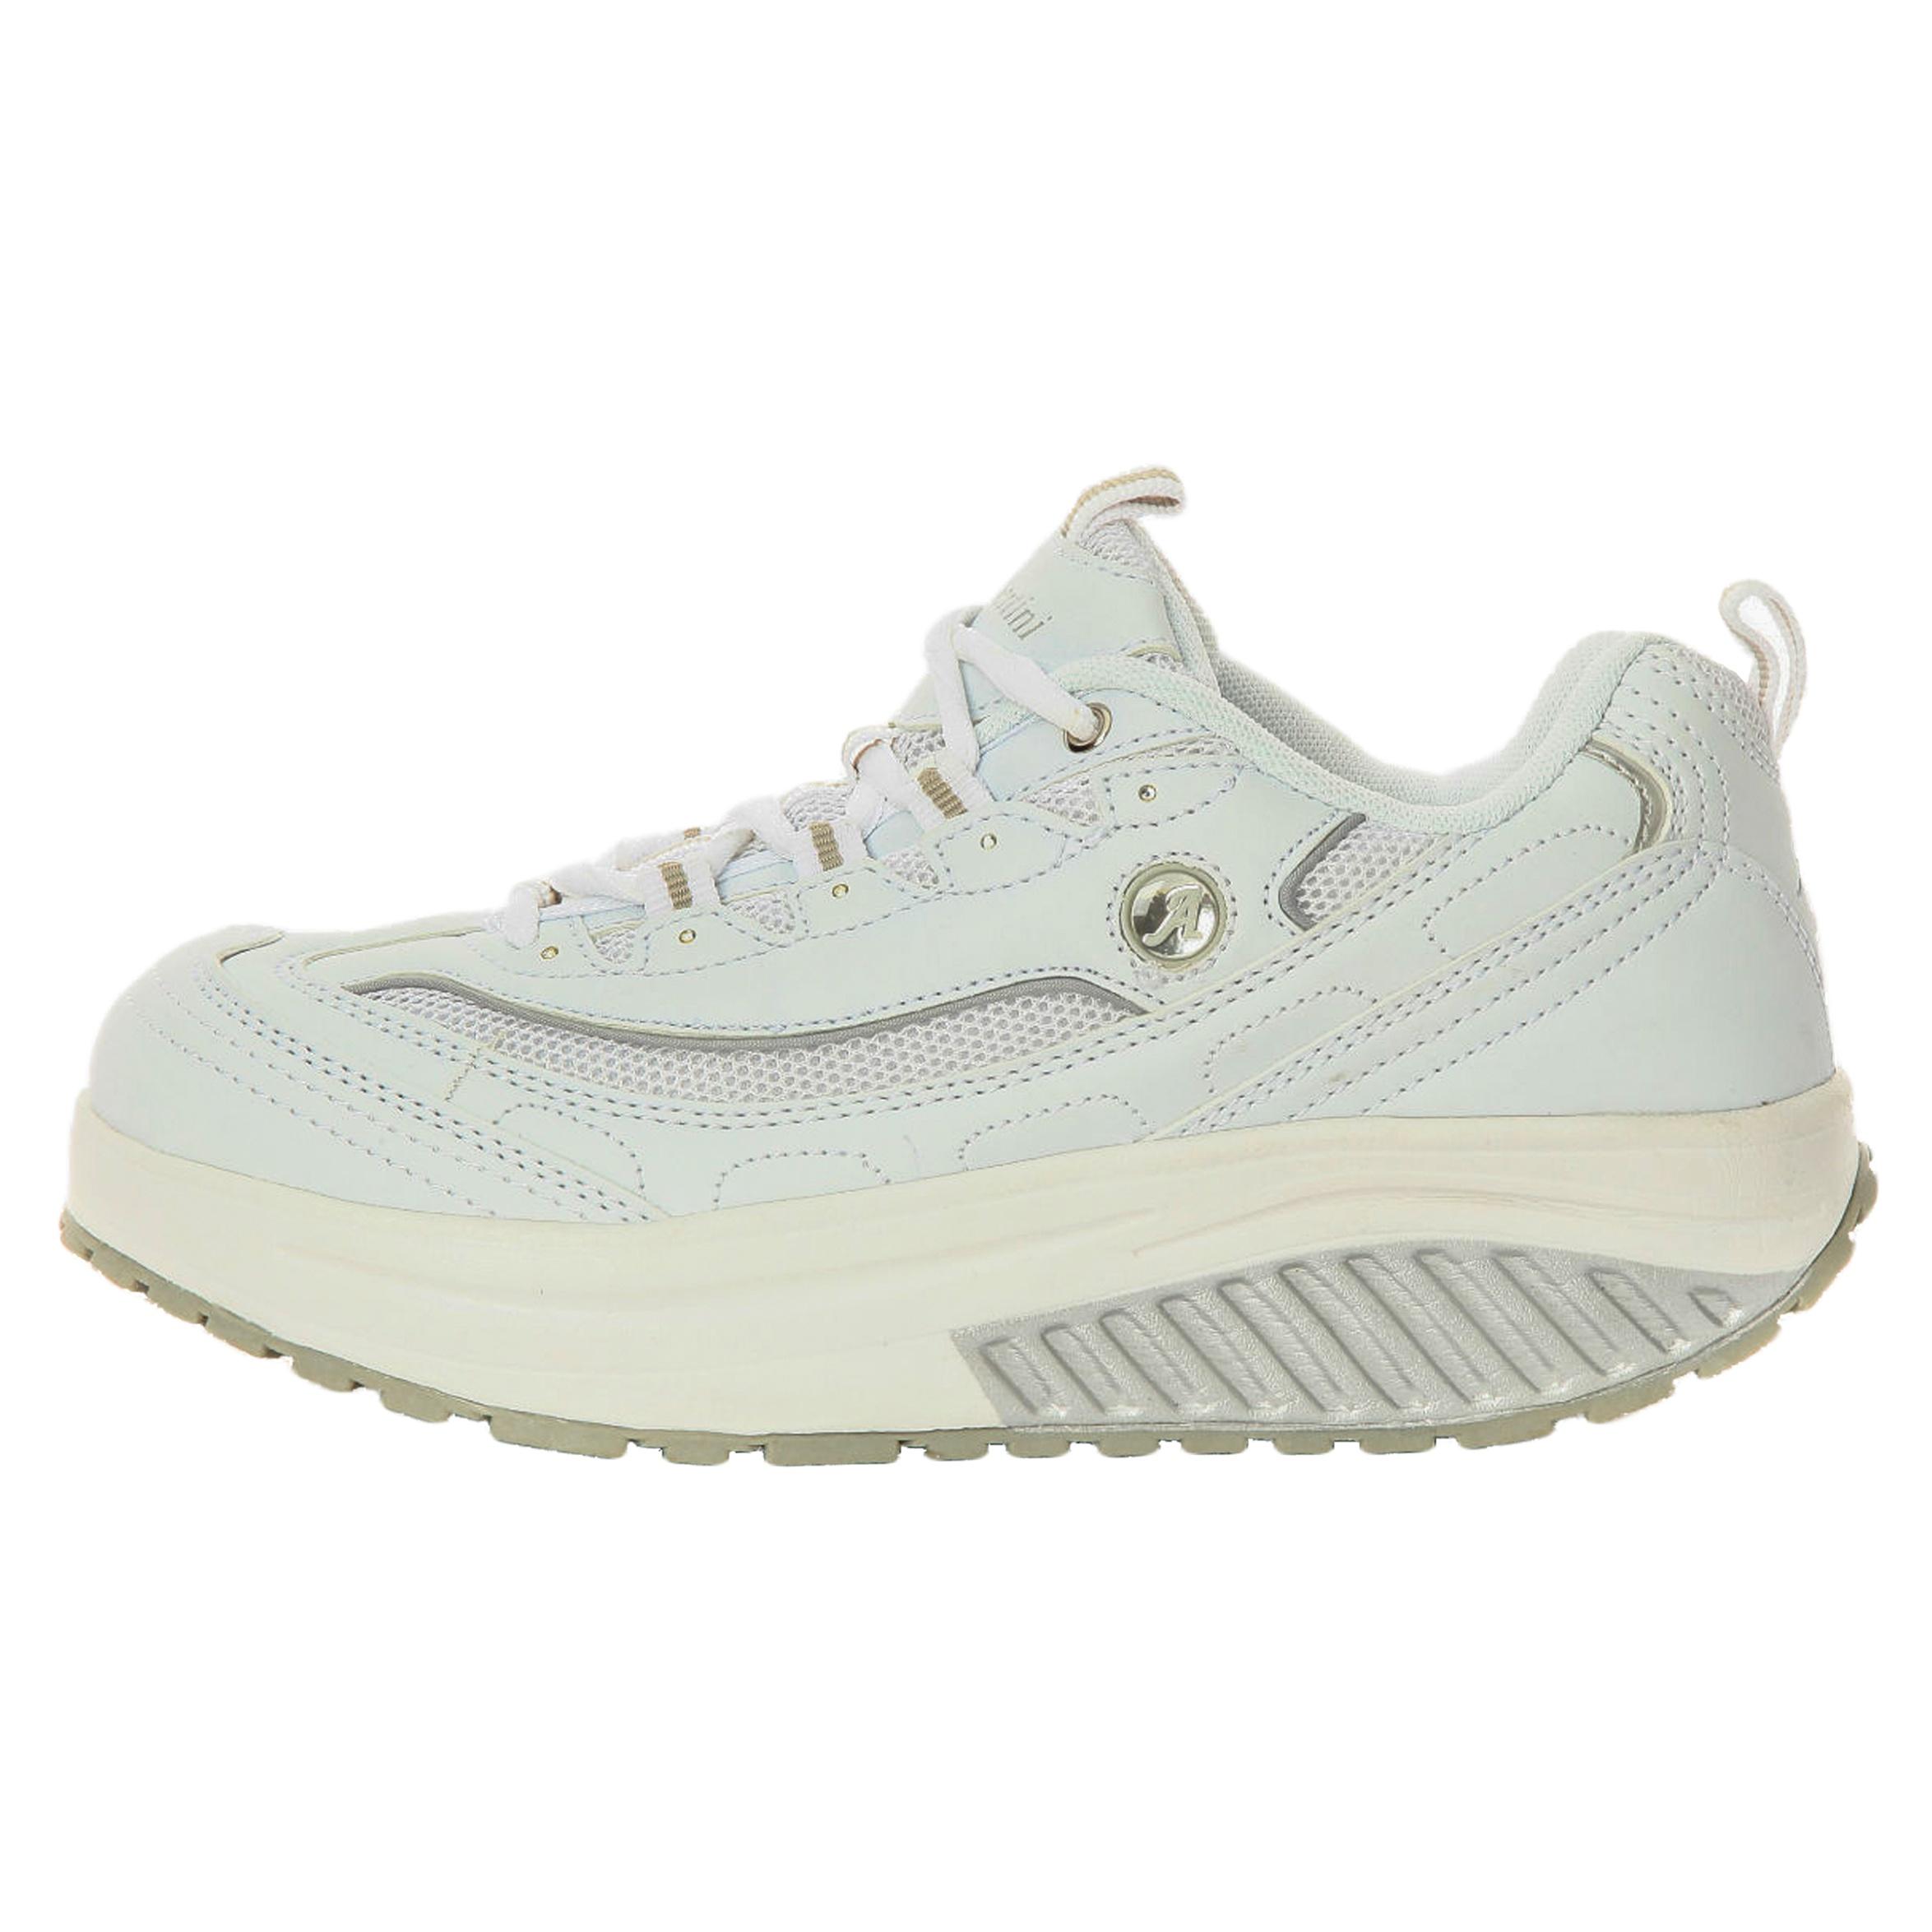 کفش مخصوص پیاده روی زنانه آلبرتینی مدل پرفکت کد 3